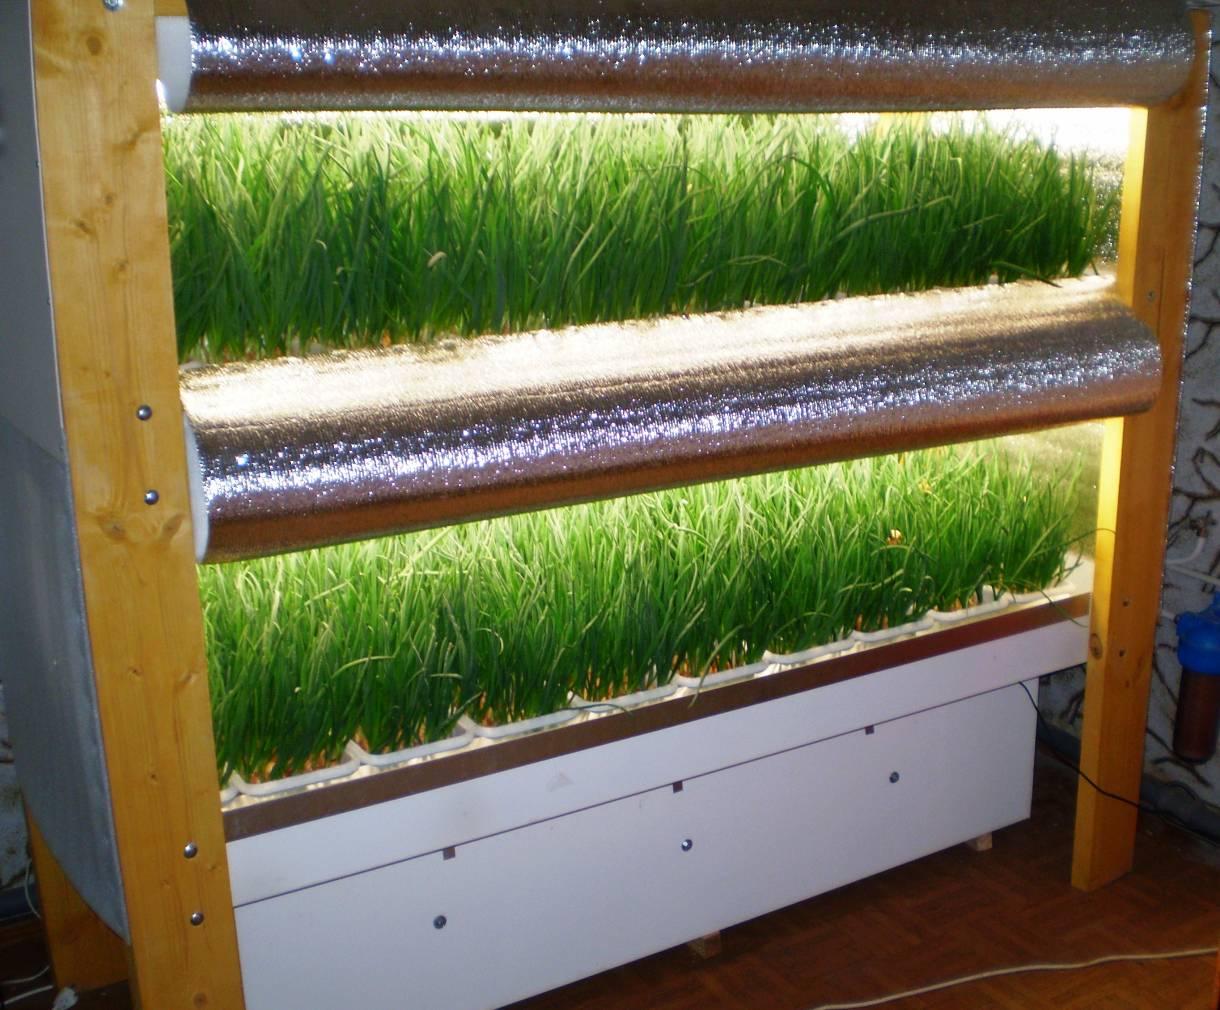 Как выращивать лук на перо в теплице зимой и зарабатывать на этом — подробный бизнес-план